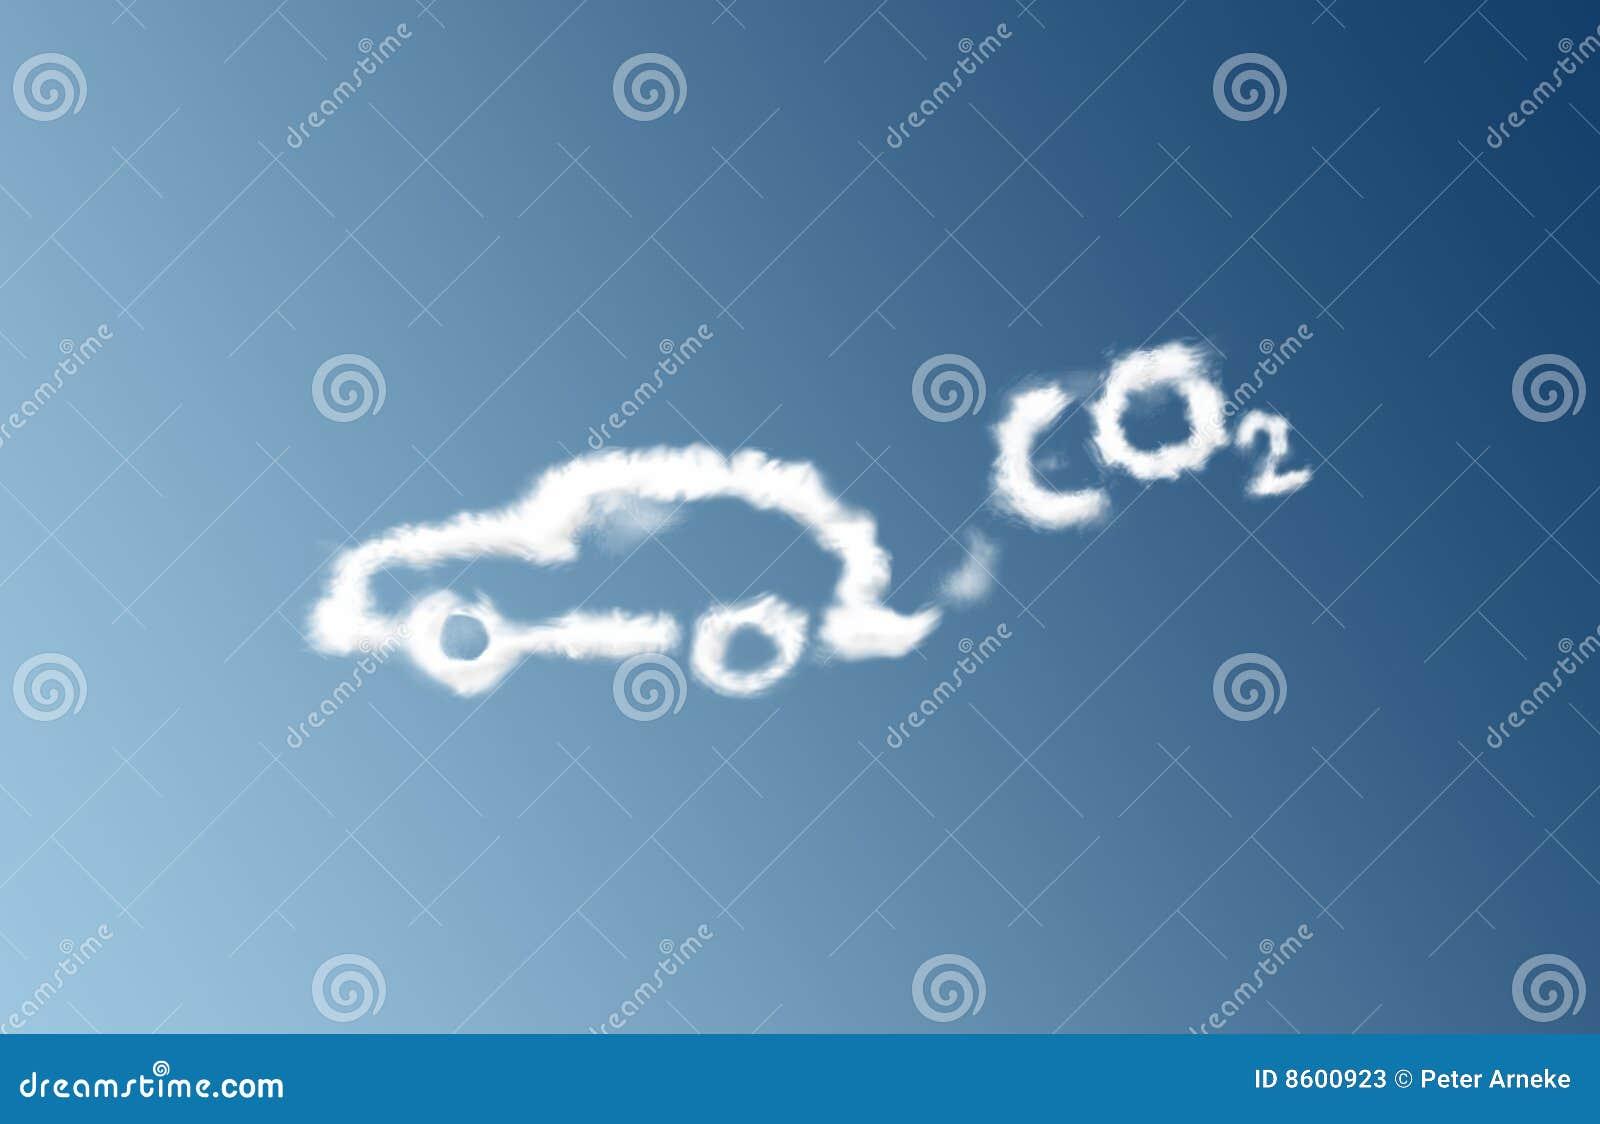 汽车云彩二氧化碳排放